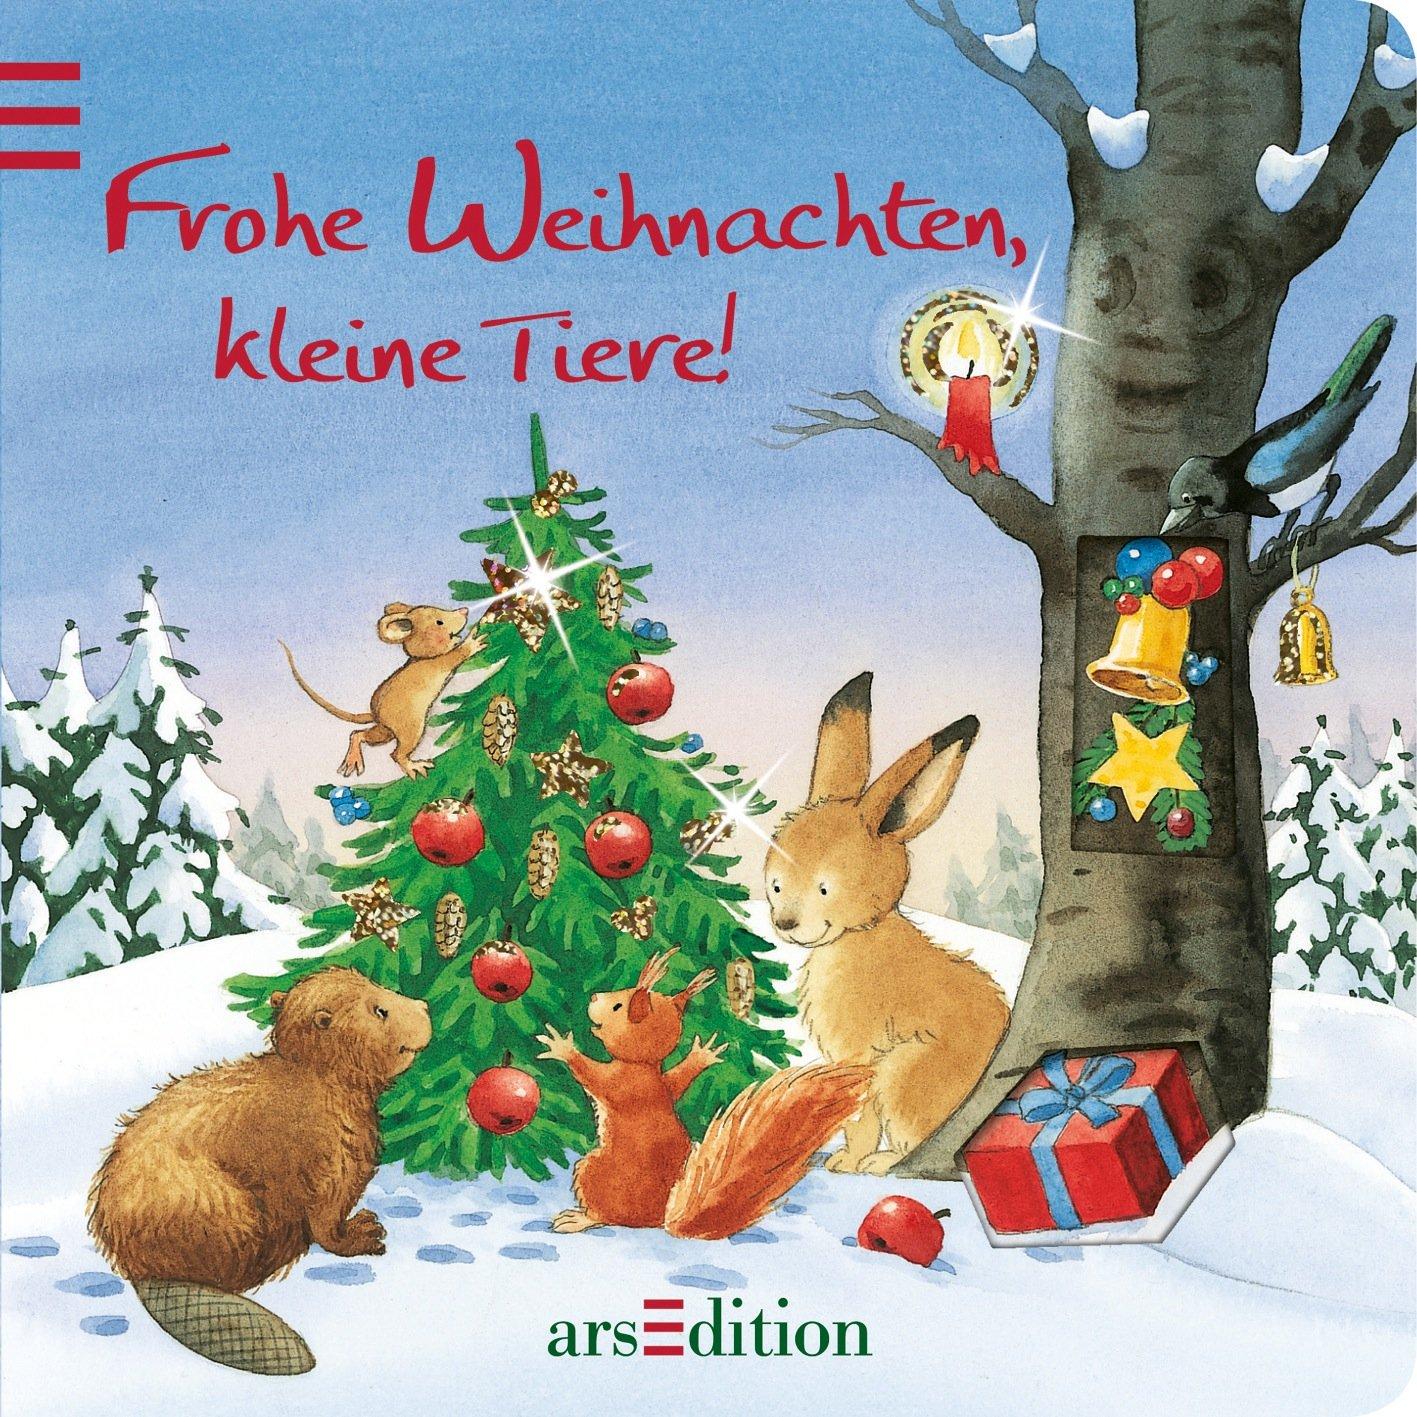 Kinderbücher Weihnachten.Frohe Weihnachten Kleine Tiere Amazon De Sabine Cuno Bücher